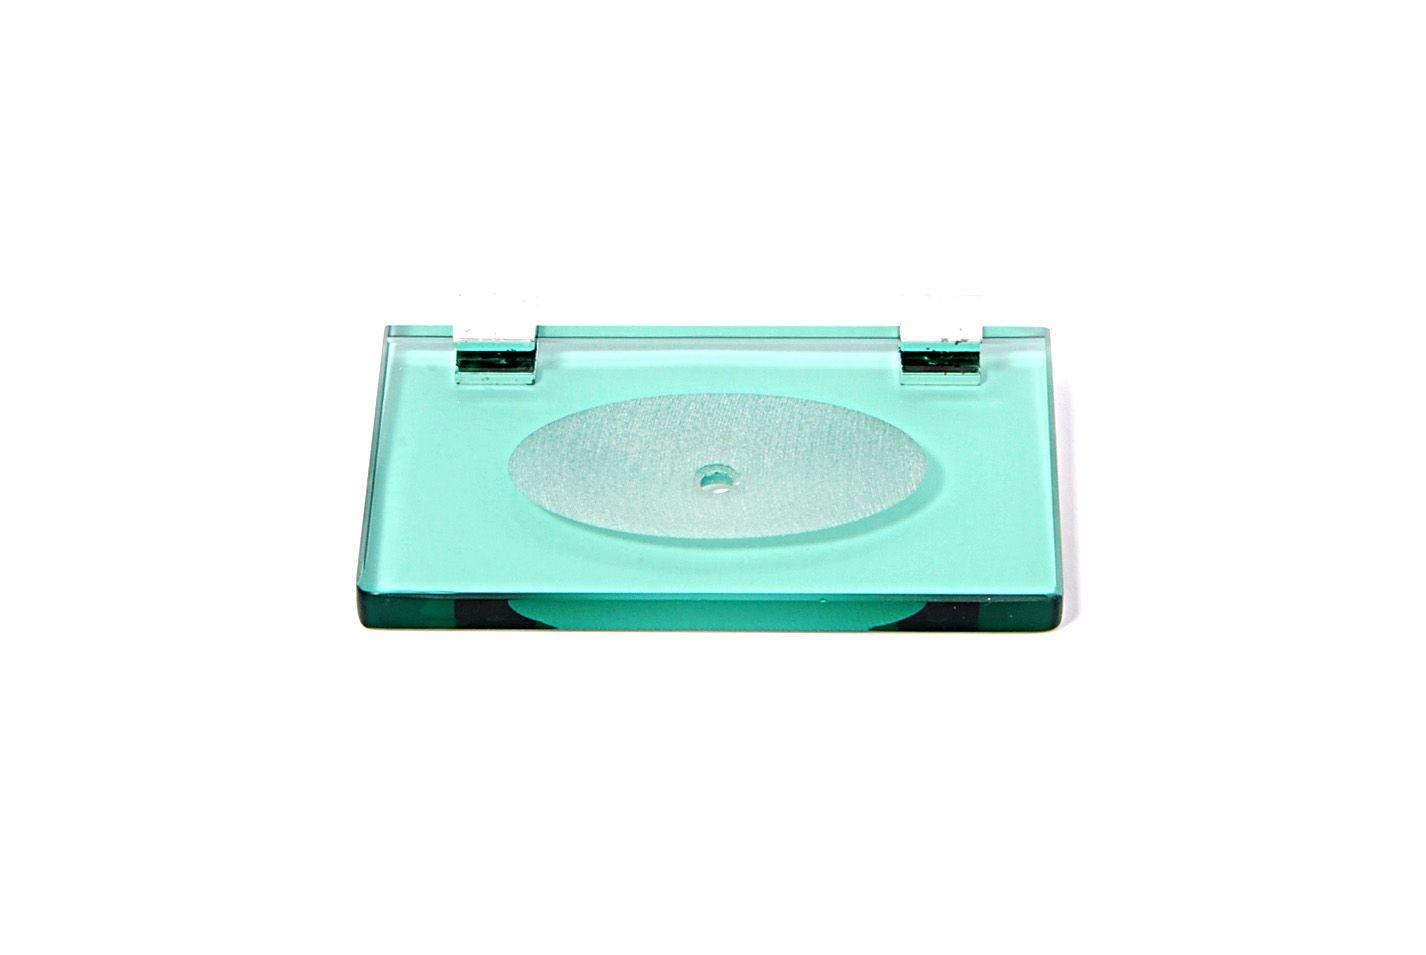 Saboneteira em Vidro Verde Lapidado - Aquabox  - 14cmx9cmx10mm.